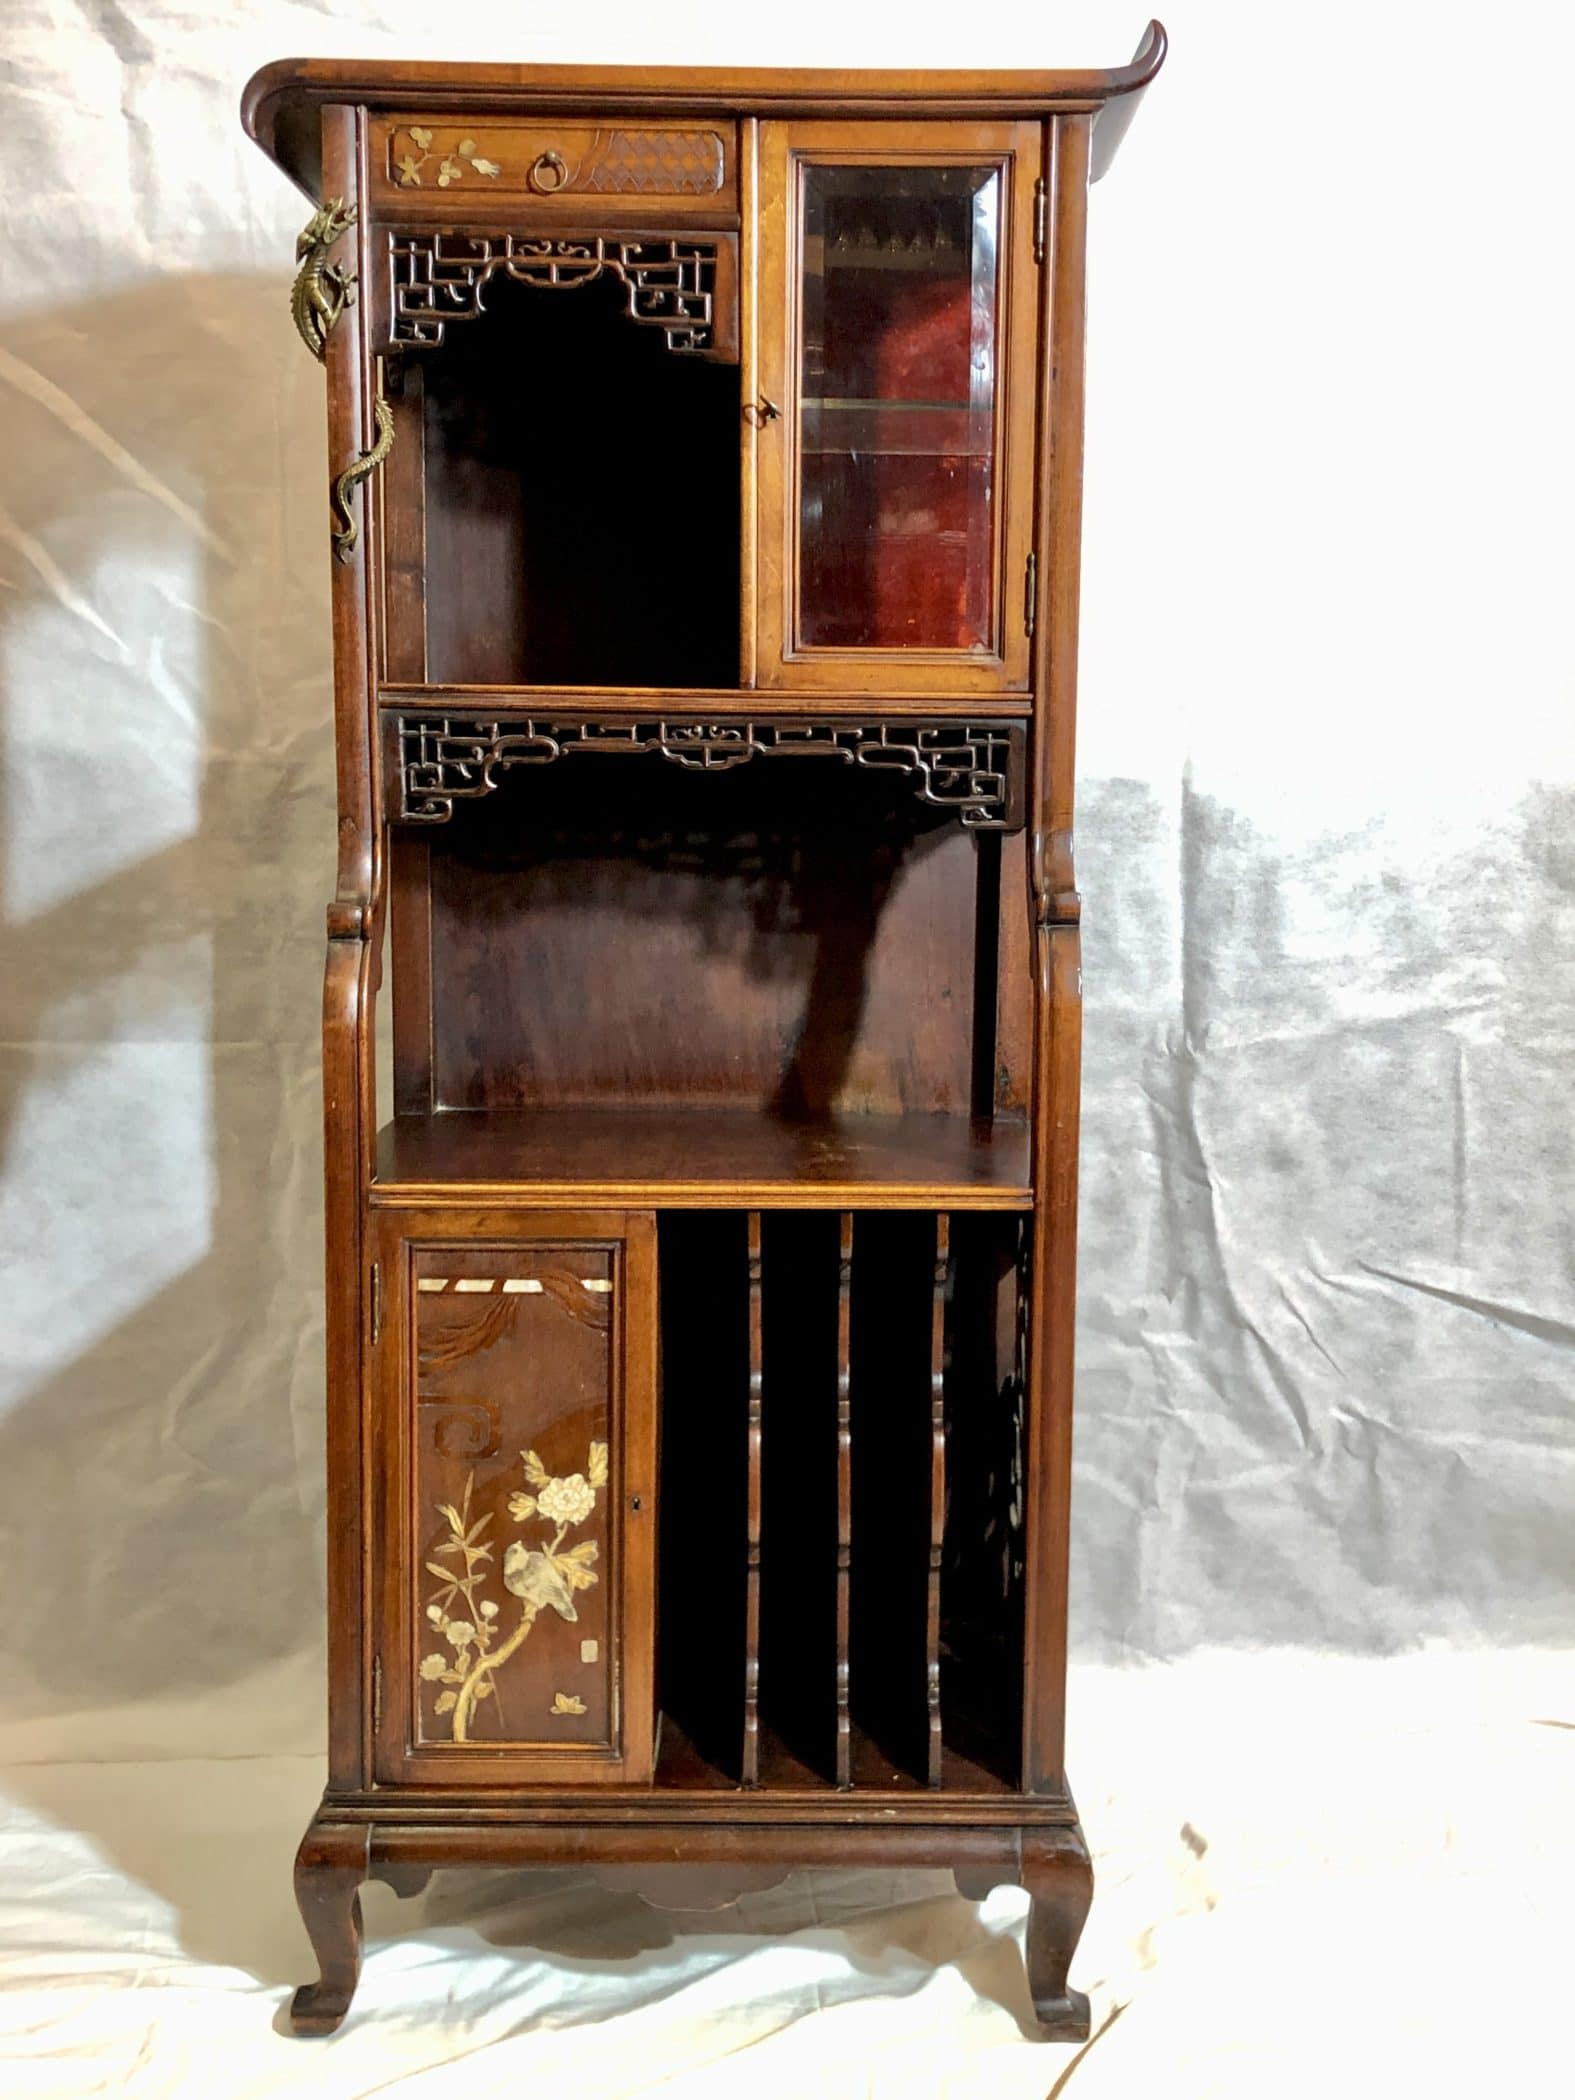 Meuble dans le goût japonisant de Viardot, XIXe siècle.